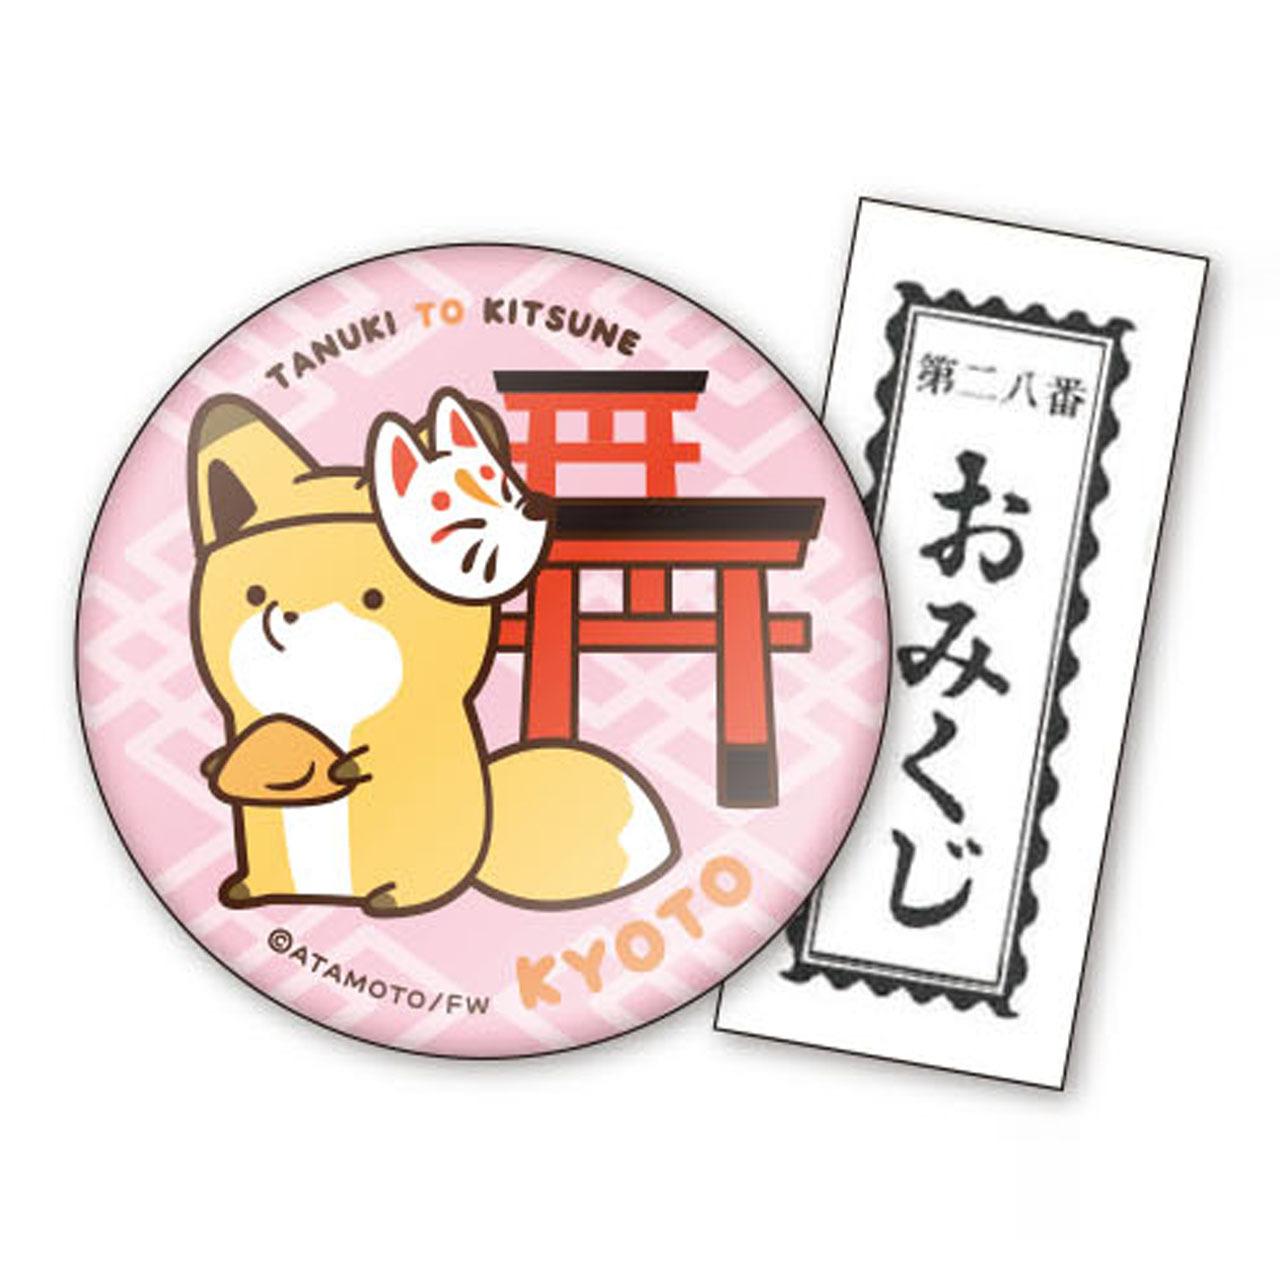 タヌキとキツネ(稲荷)キツネ 缶バッジ